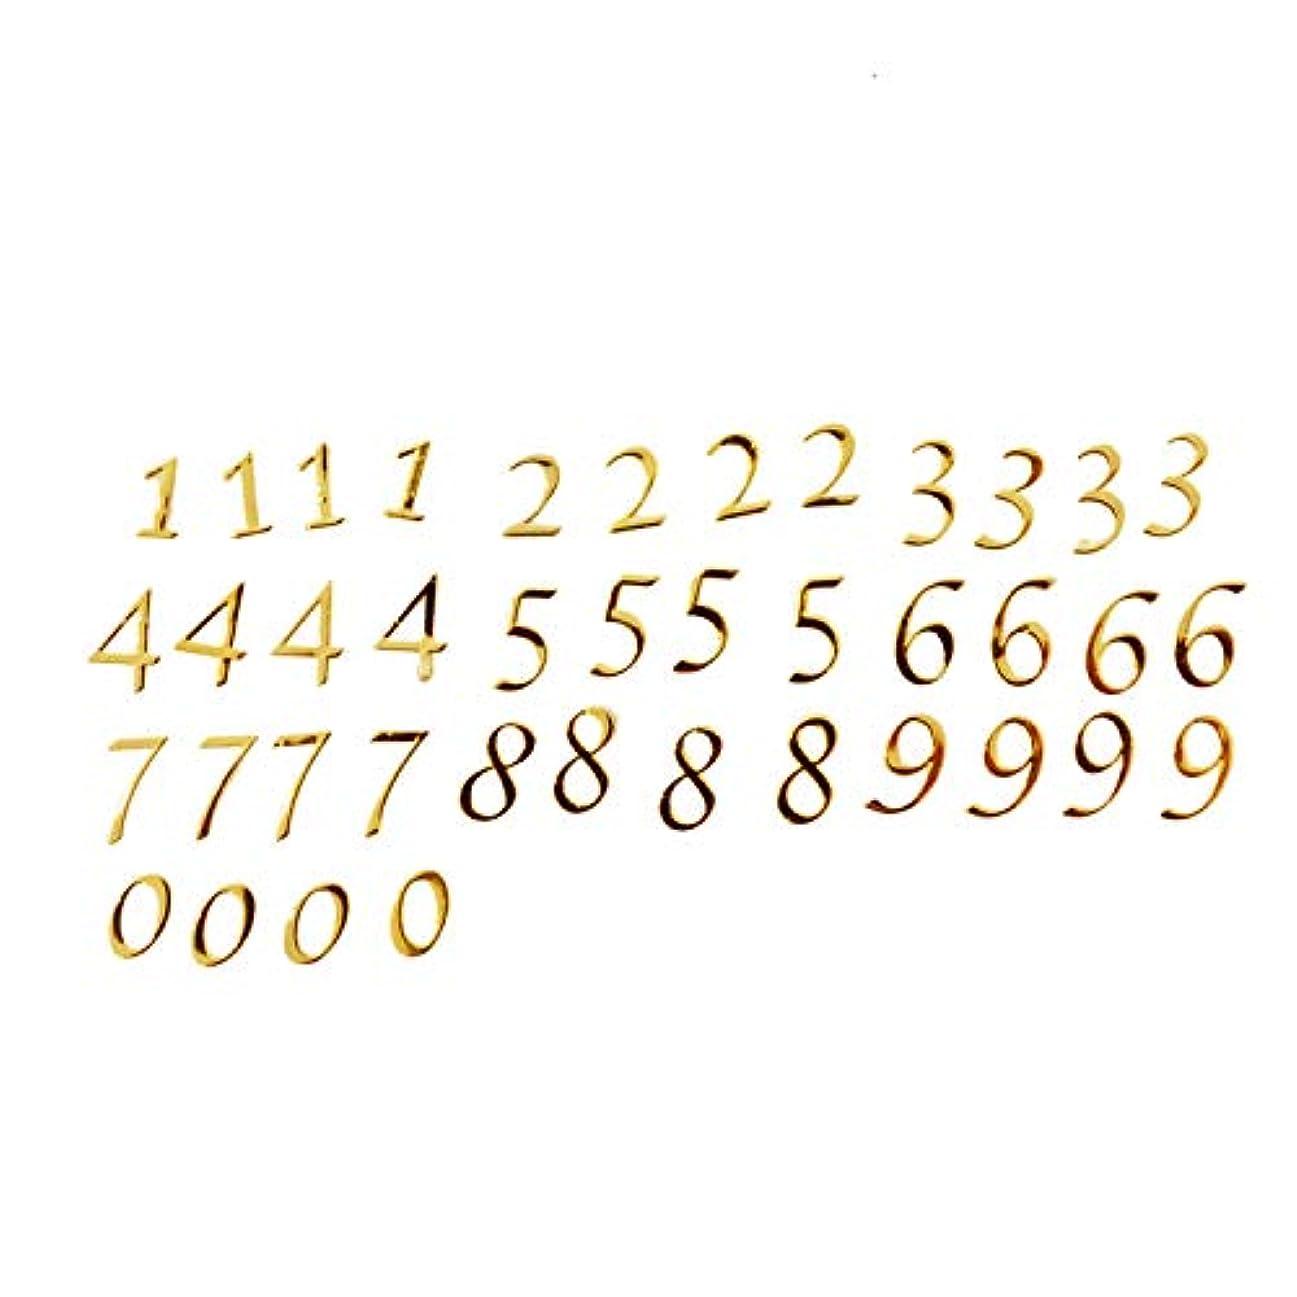 規定誤歴史数字のメタルパーツ0から9まで4枚ずつ、合計40枚セット